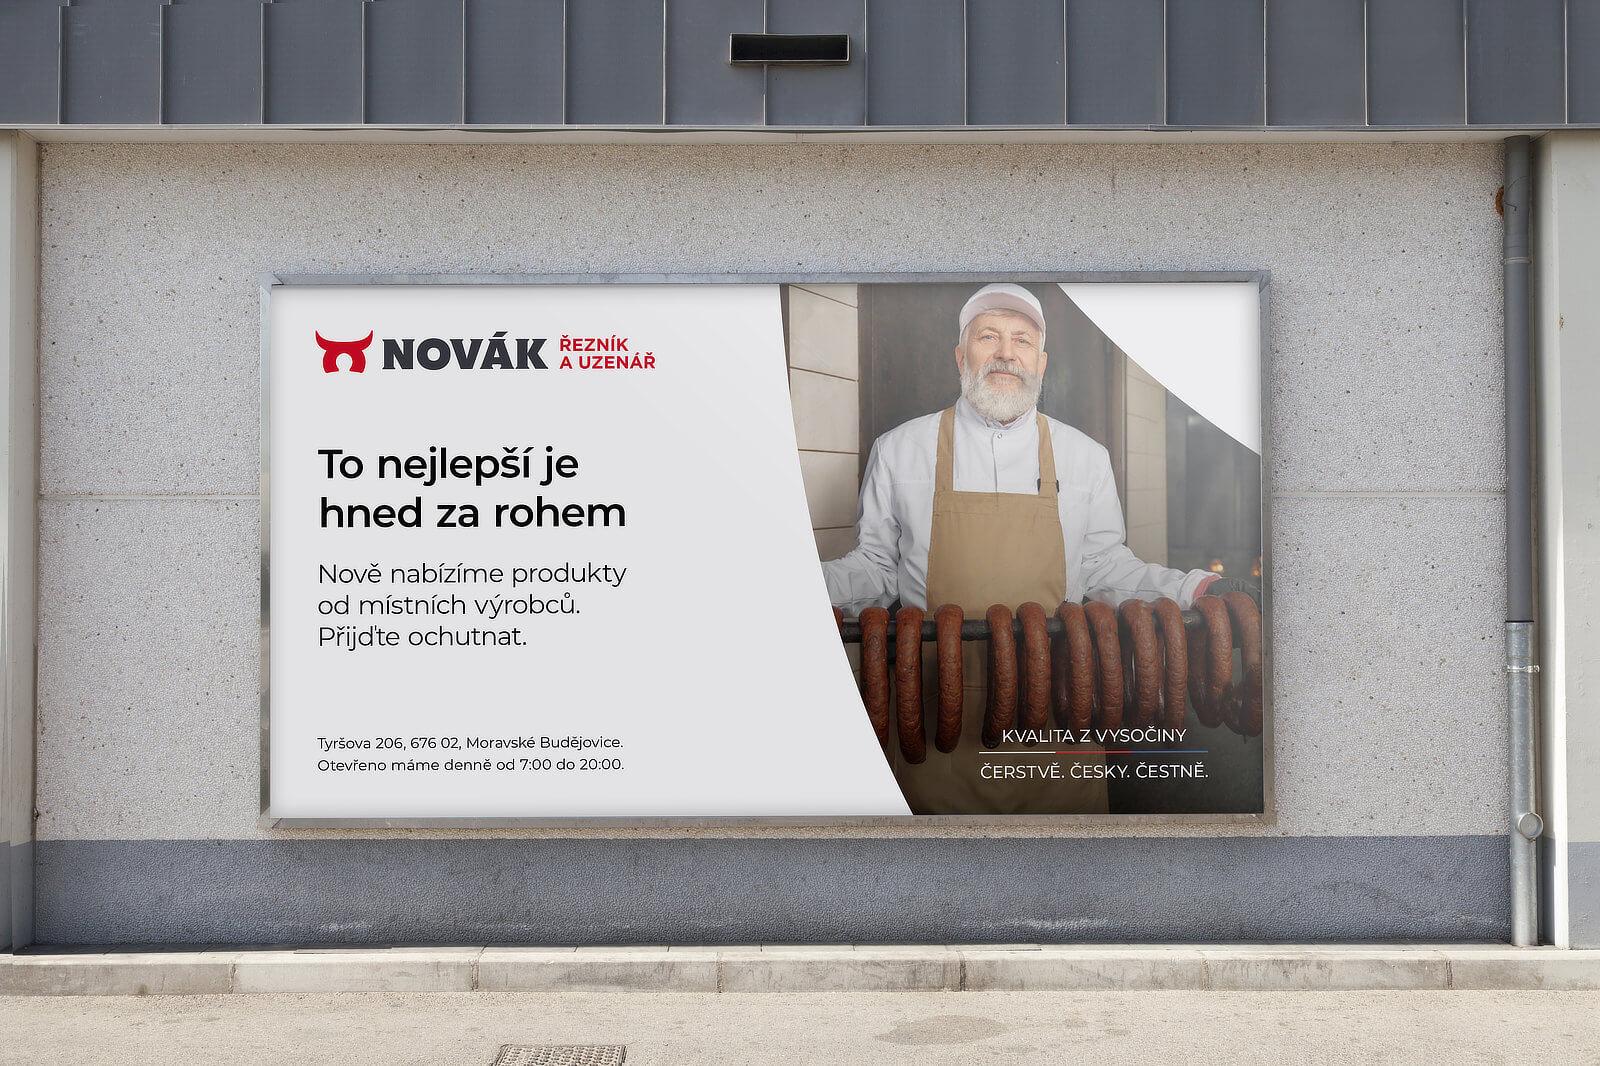 billboard-market-wall-1